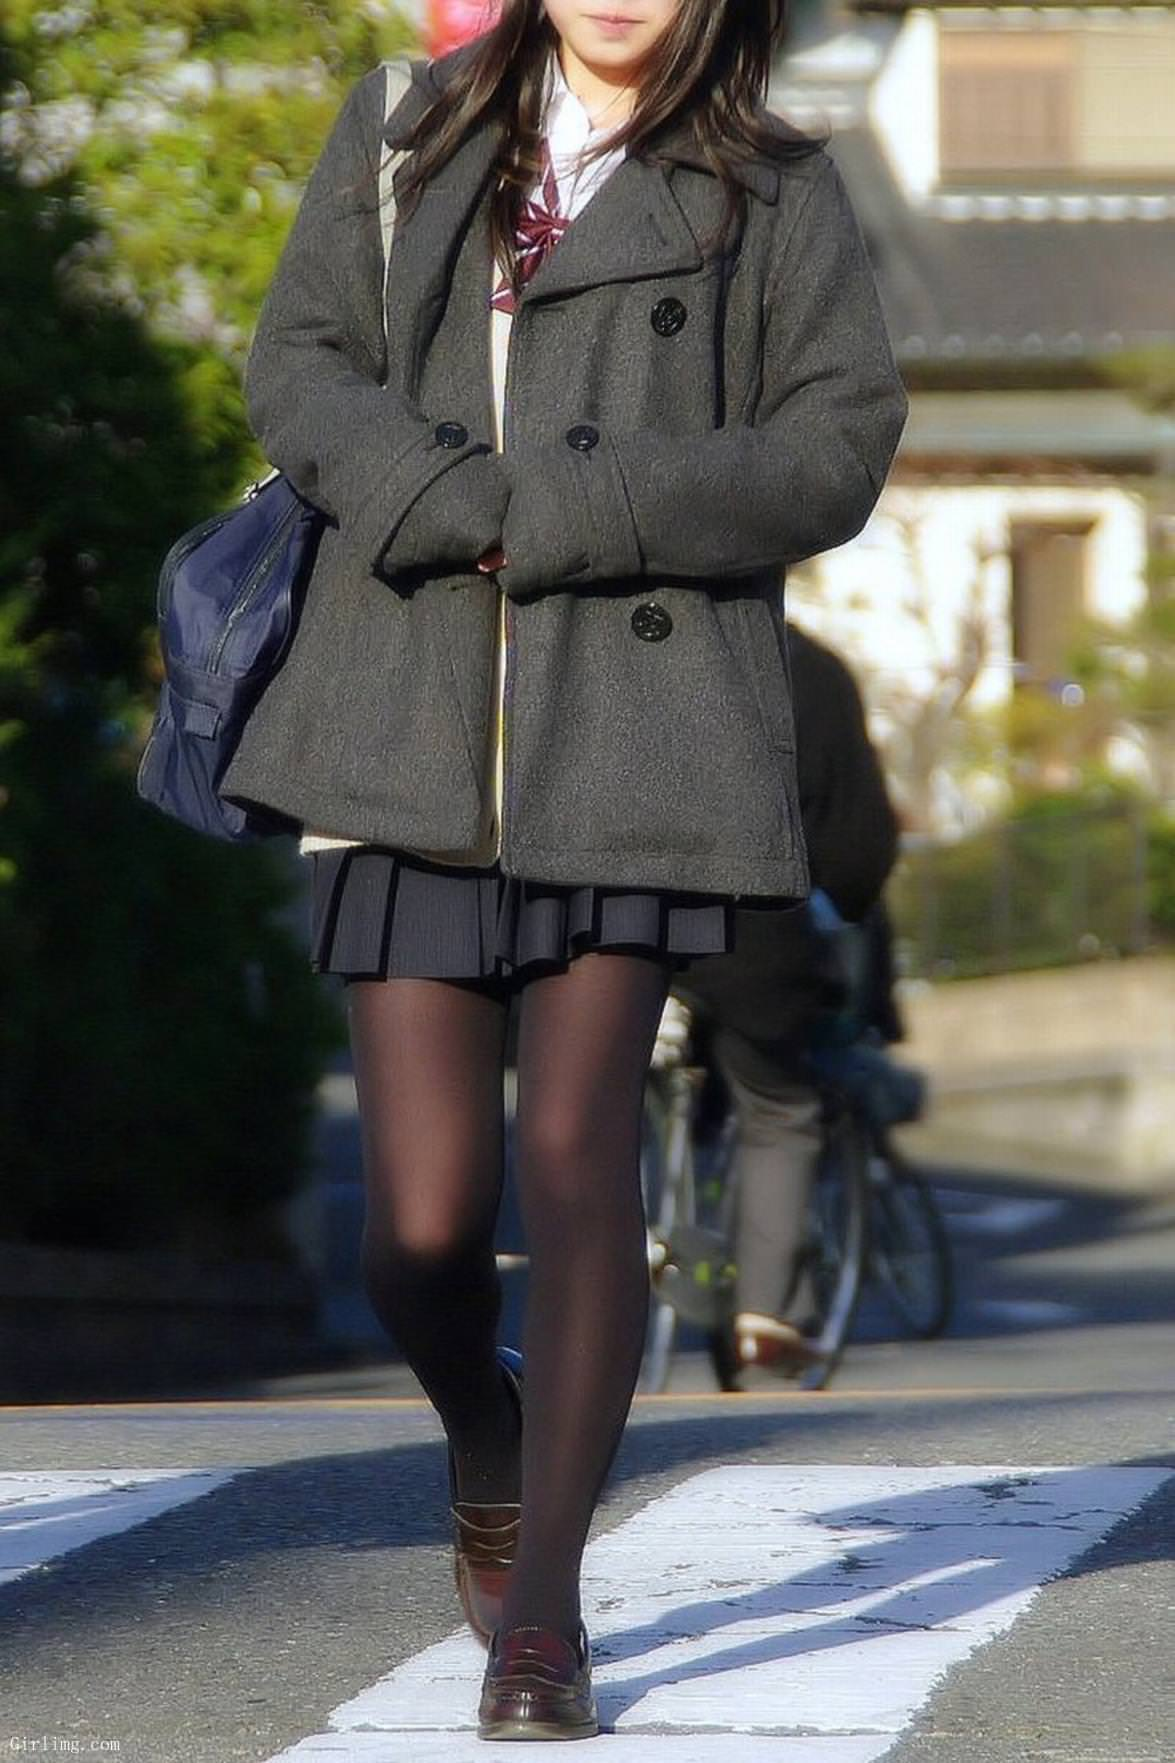 女子高生の靴下大好きソックスフェチ画像wwwwwwwwww QsIszbl